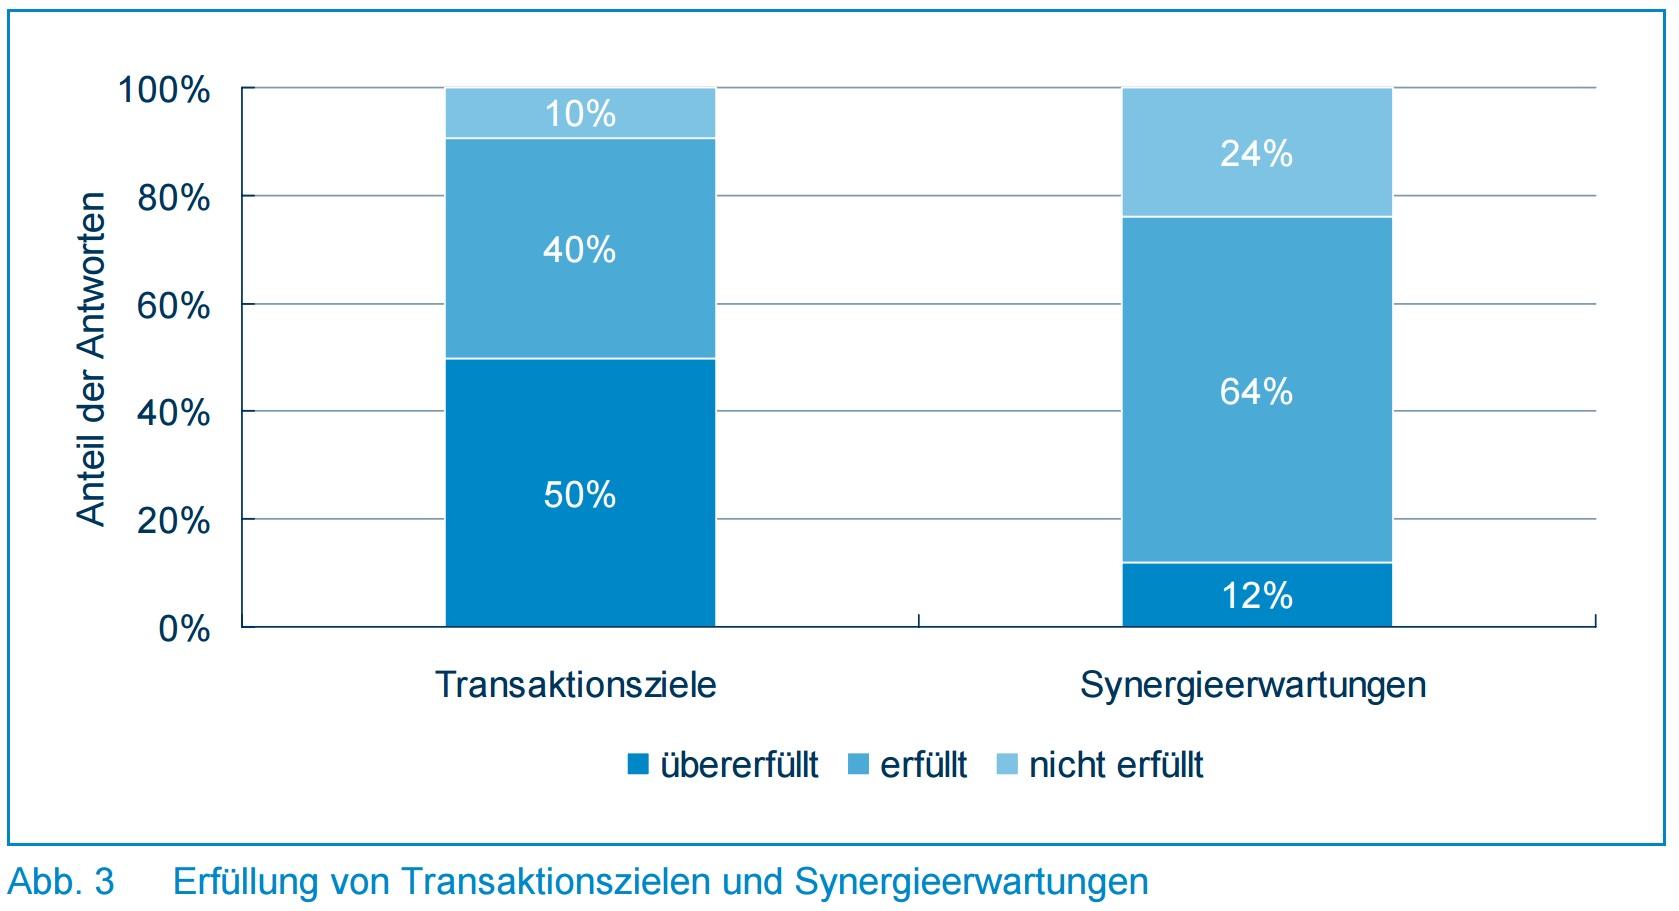 Abb. 3 - Erfüllung von Transaktionszielen und Synergieerwartungen